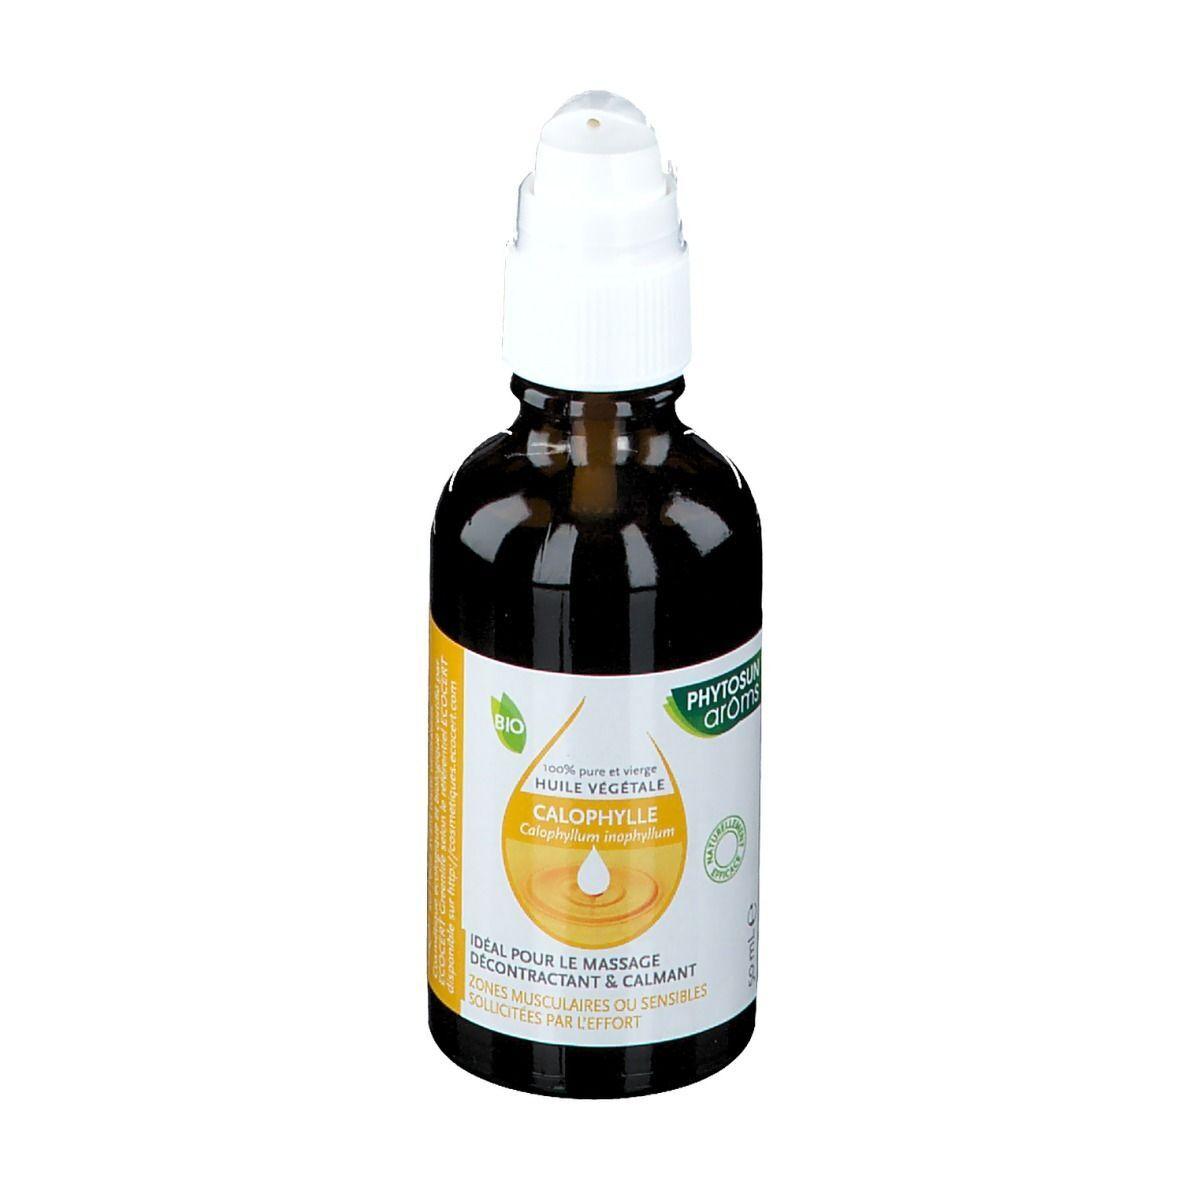 Phytosun arôms Phytosun Huiles Végétales Calophylle ml huile